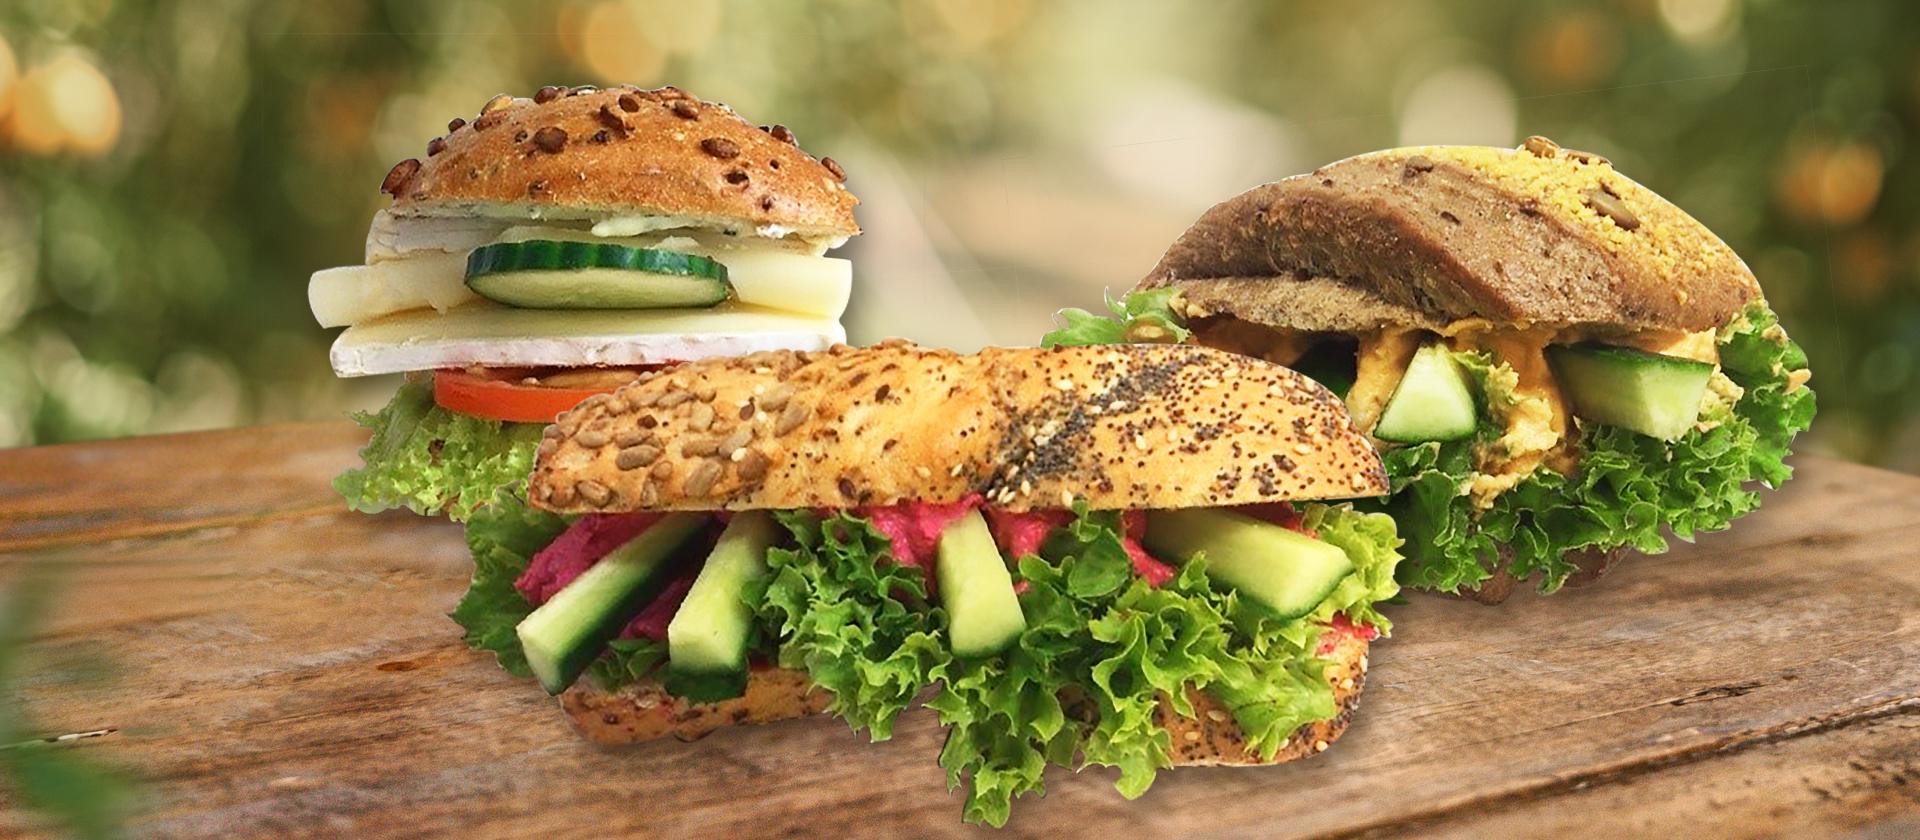 Unsere neue Sandwiche auf einem Holzisch.